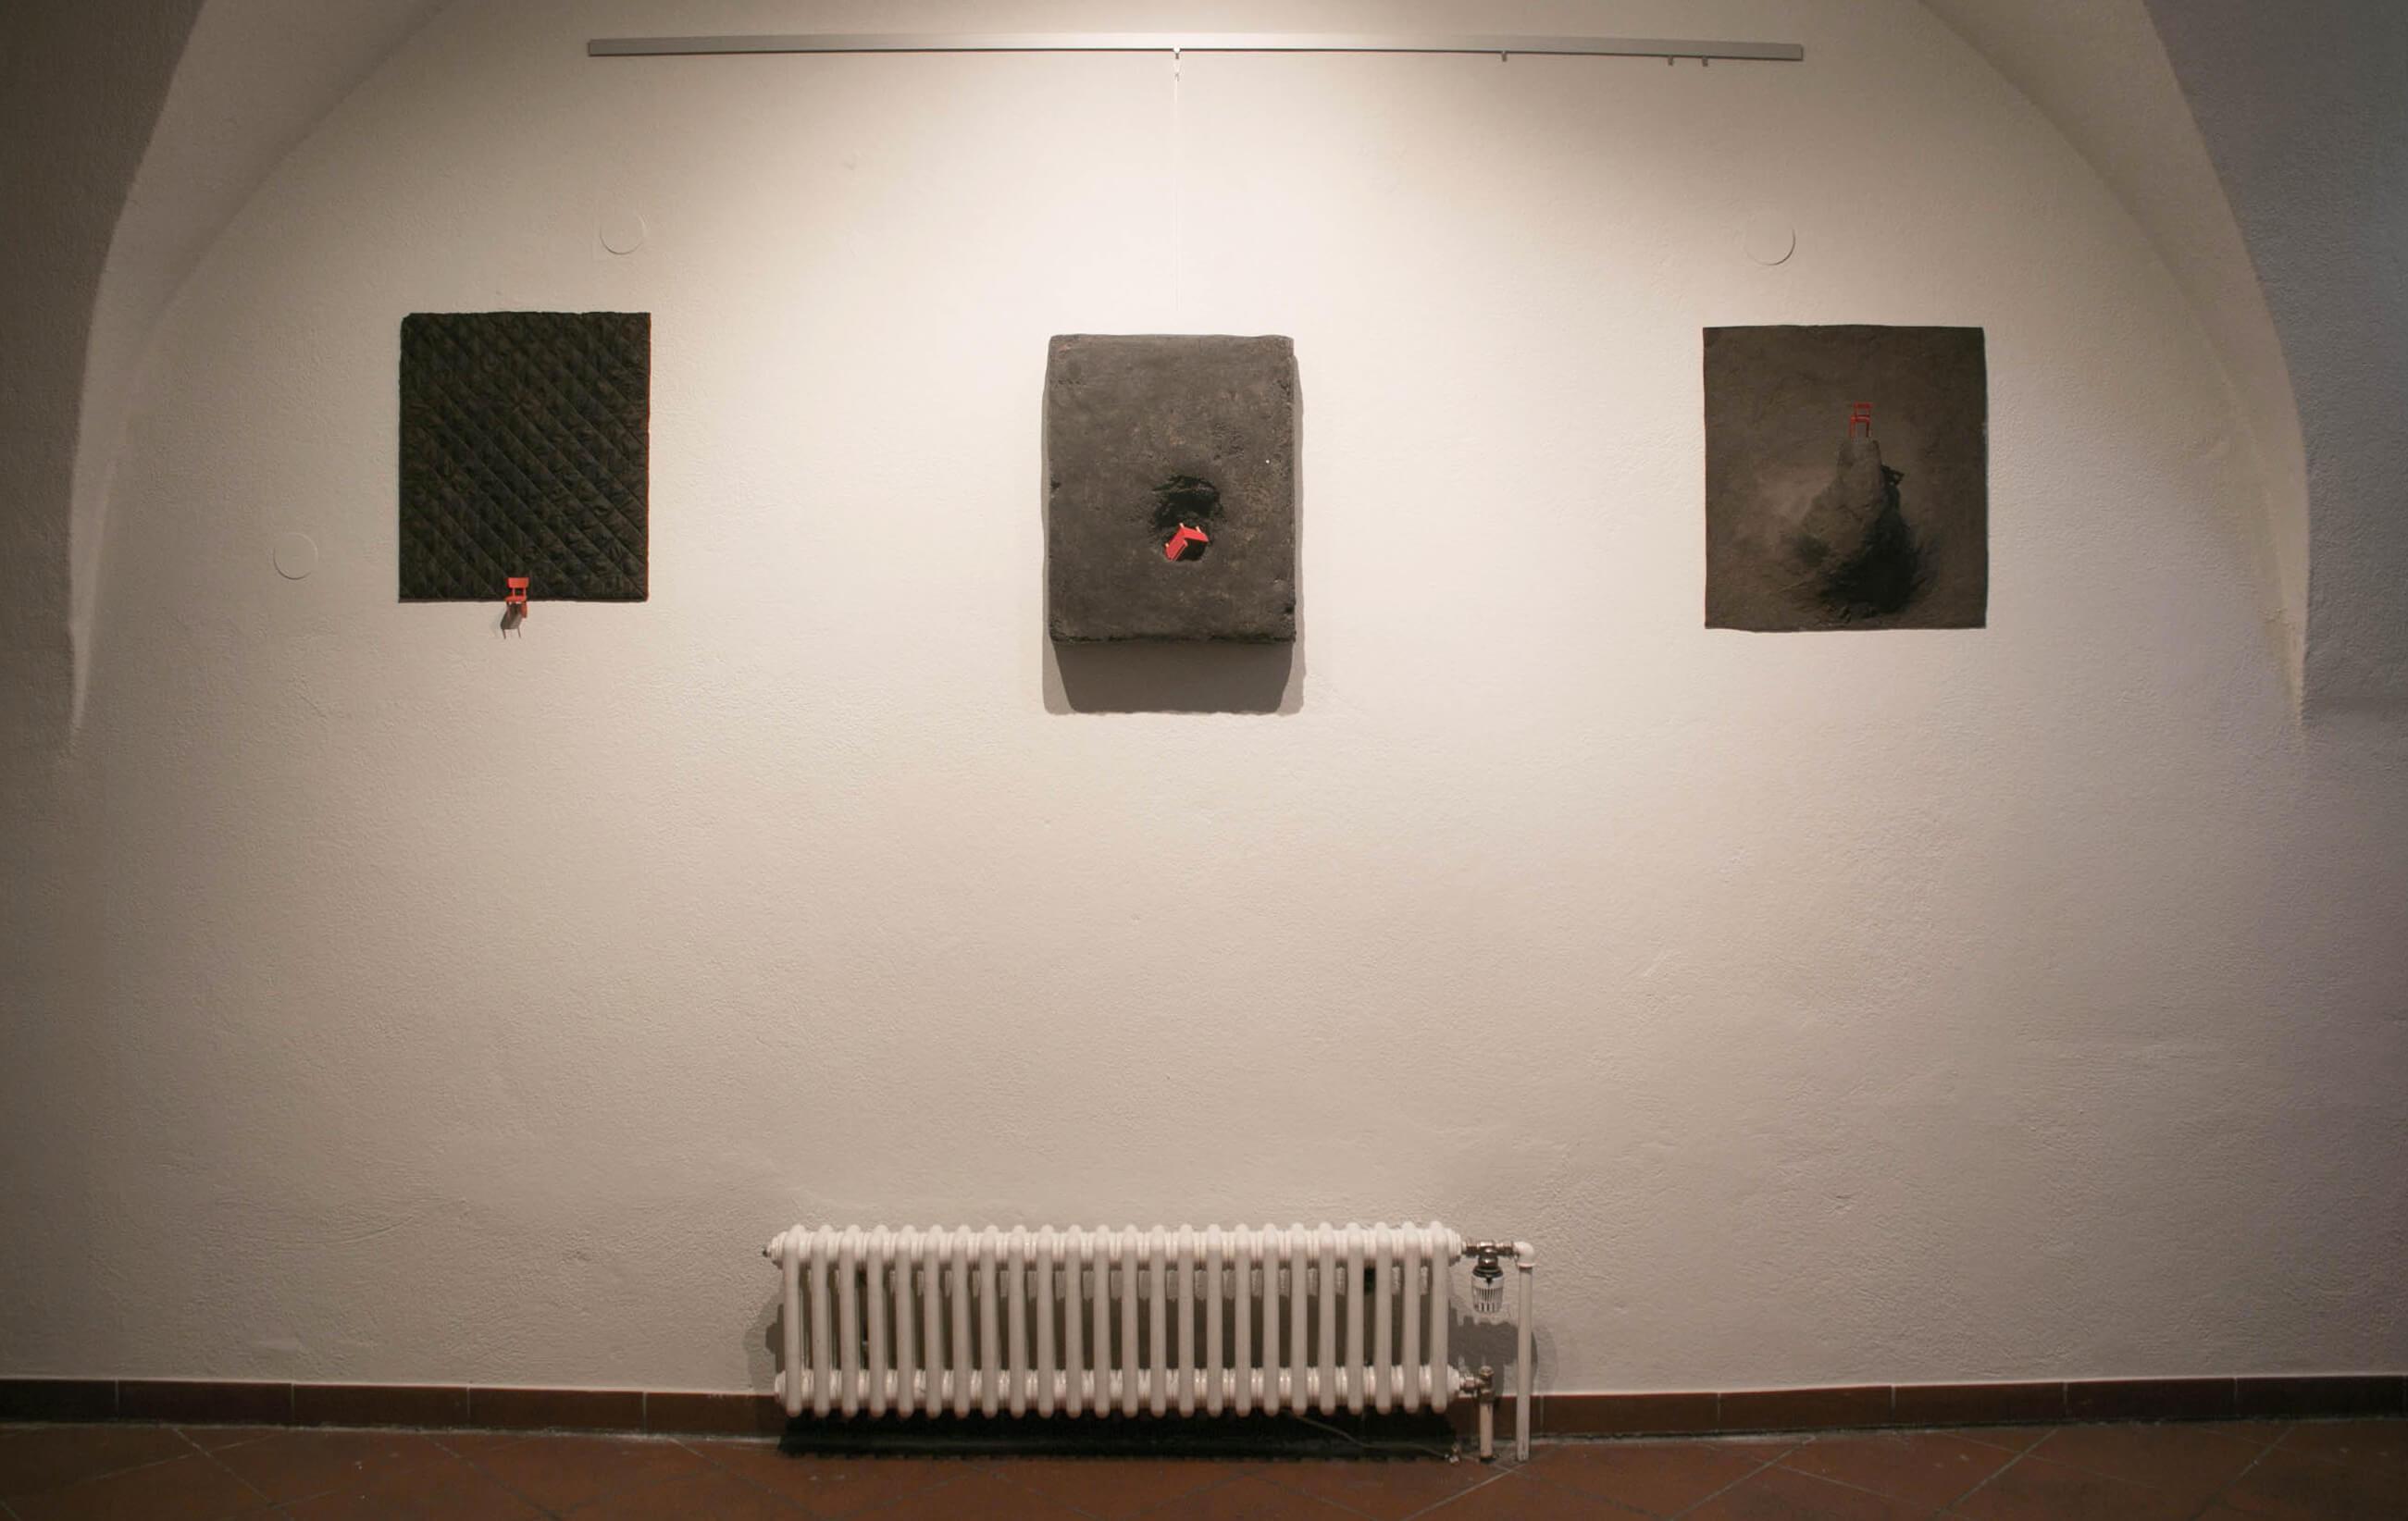 exhibition_Meenan_art_relief_sculpture_IMG_2468_re.jpg